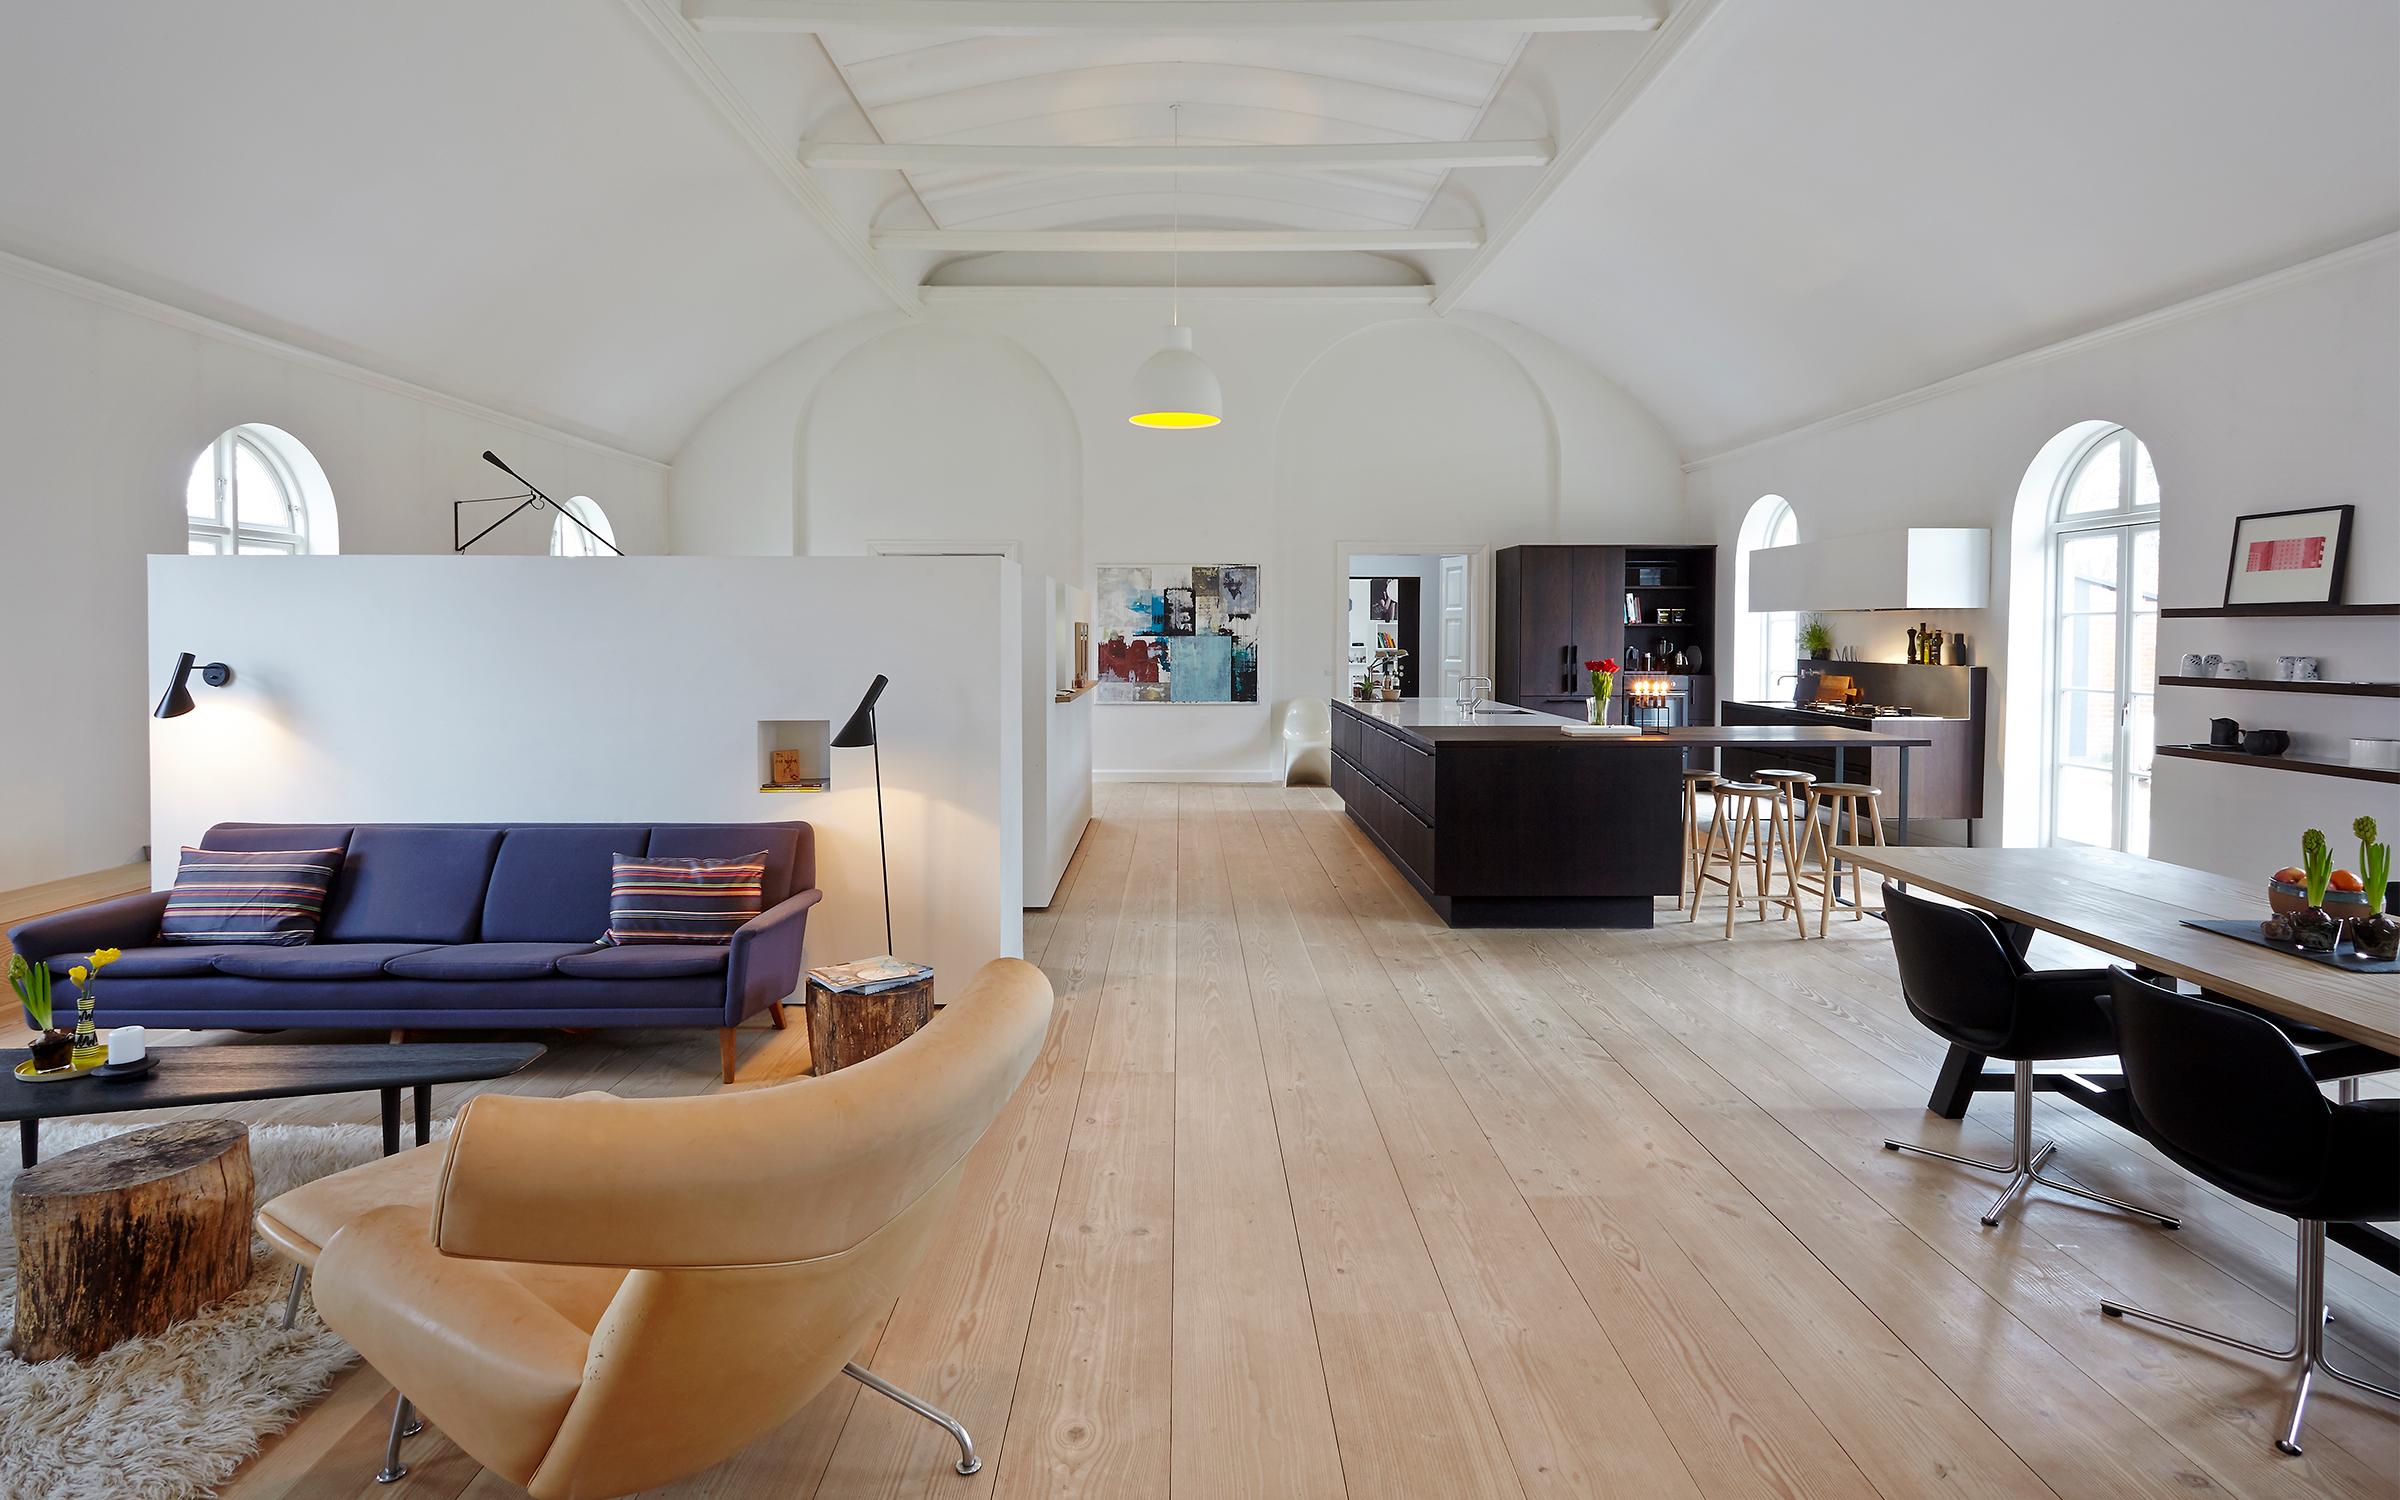 Fra menighedhus til moderne familiebolig - Danske Boligarkitekter